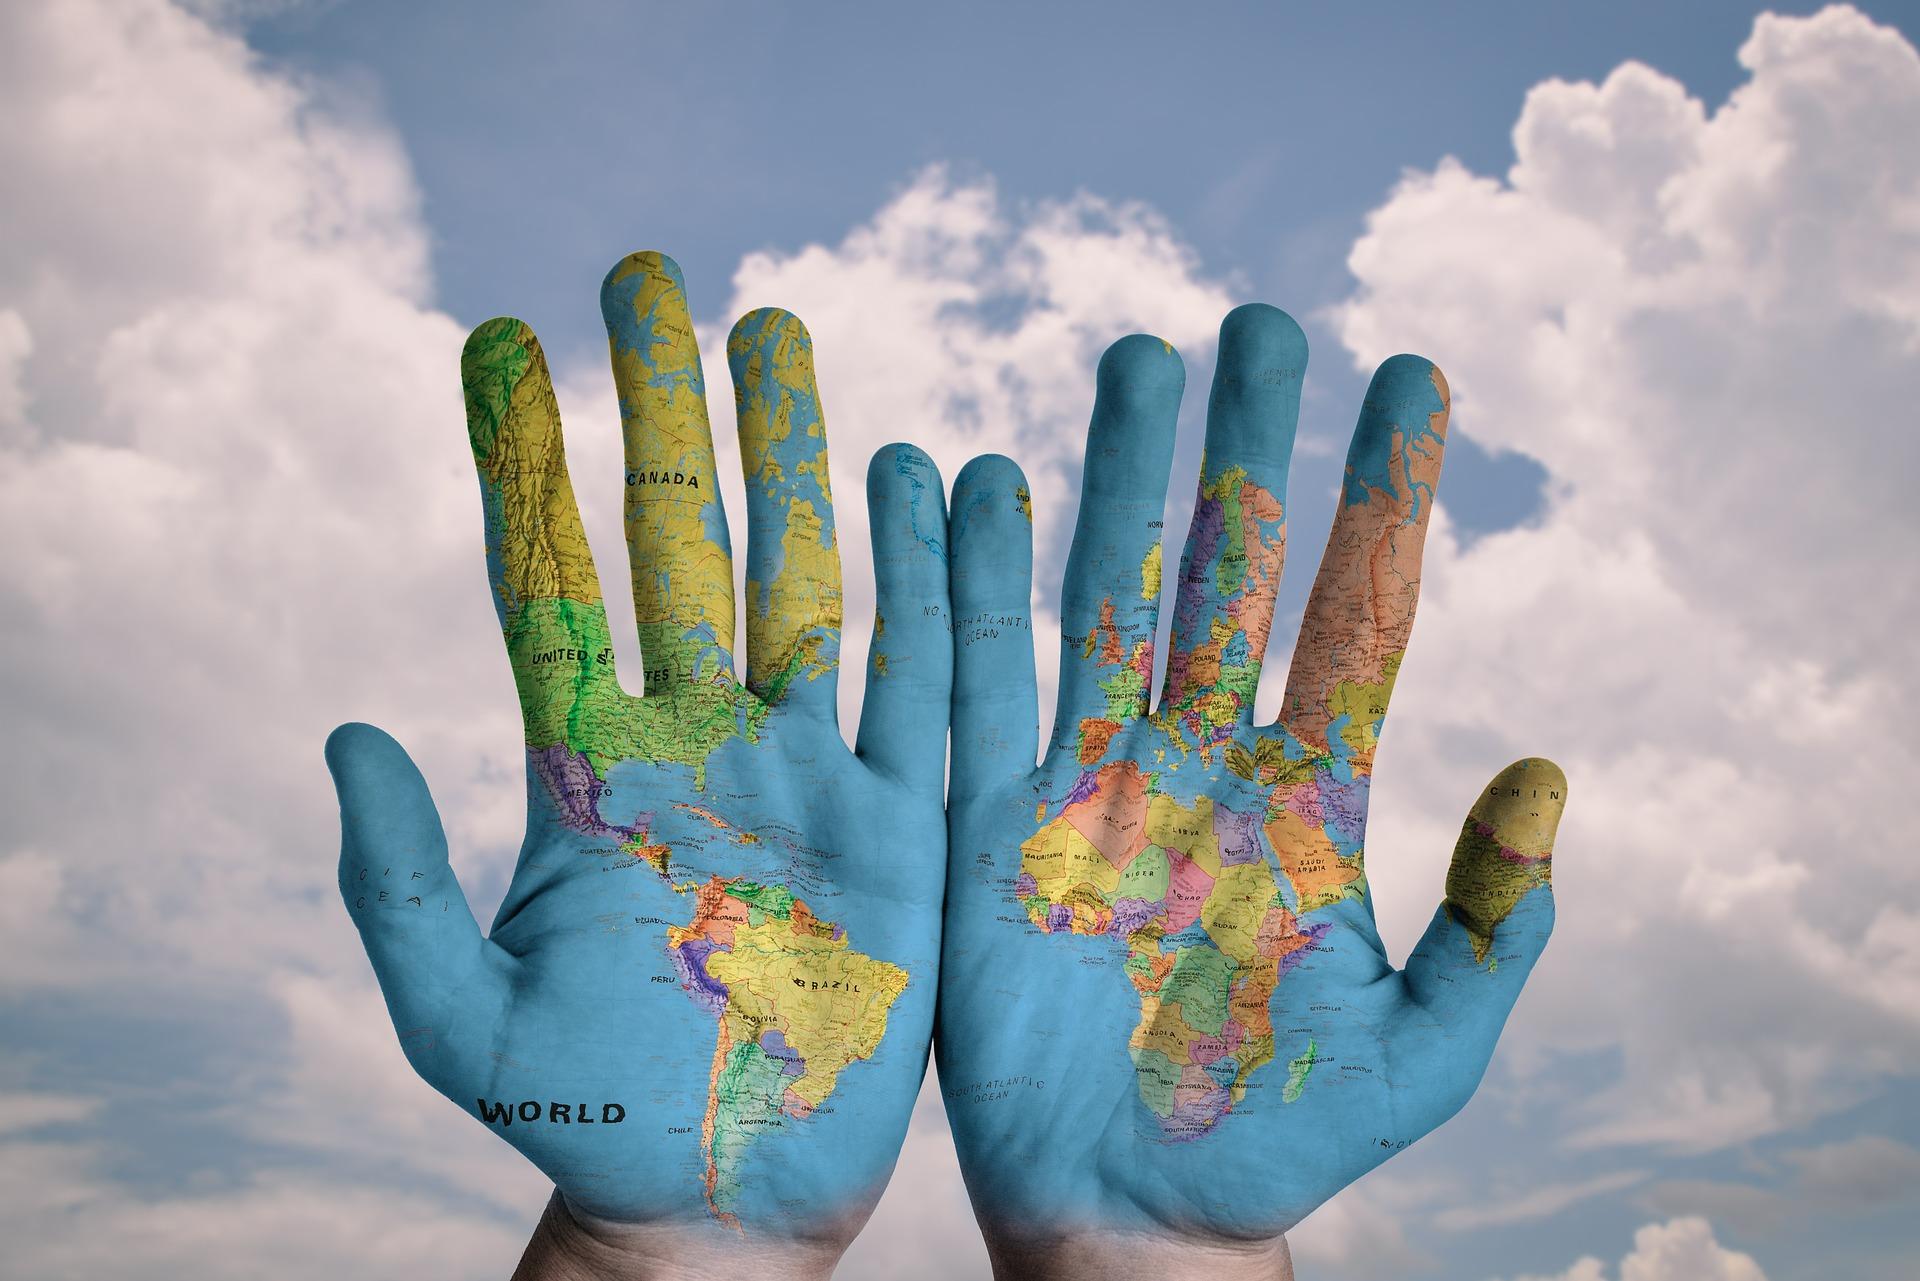 グローバルな国際目標を表す図